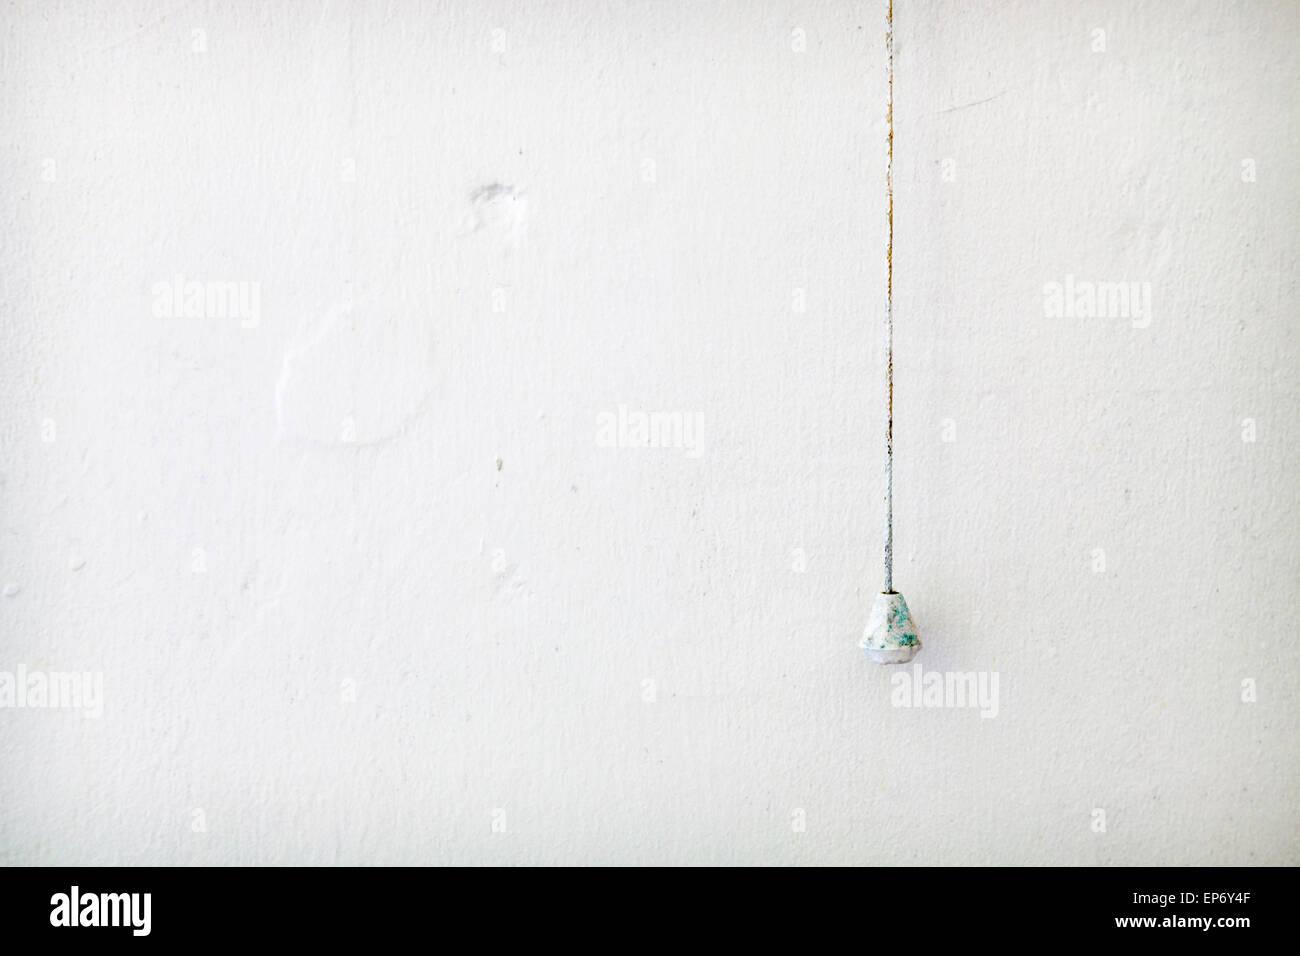 Concepto o metáfora de la austeridad, la pobreza, el cambio o la nada. Casi desnudas paredes interiores enlucidas Imagen De Stock